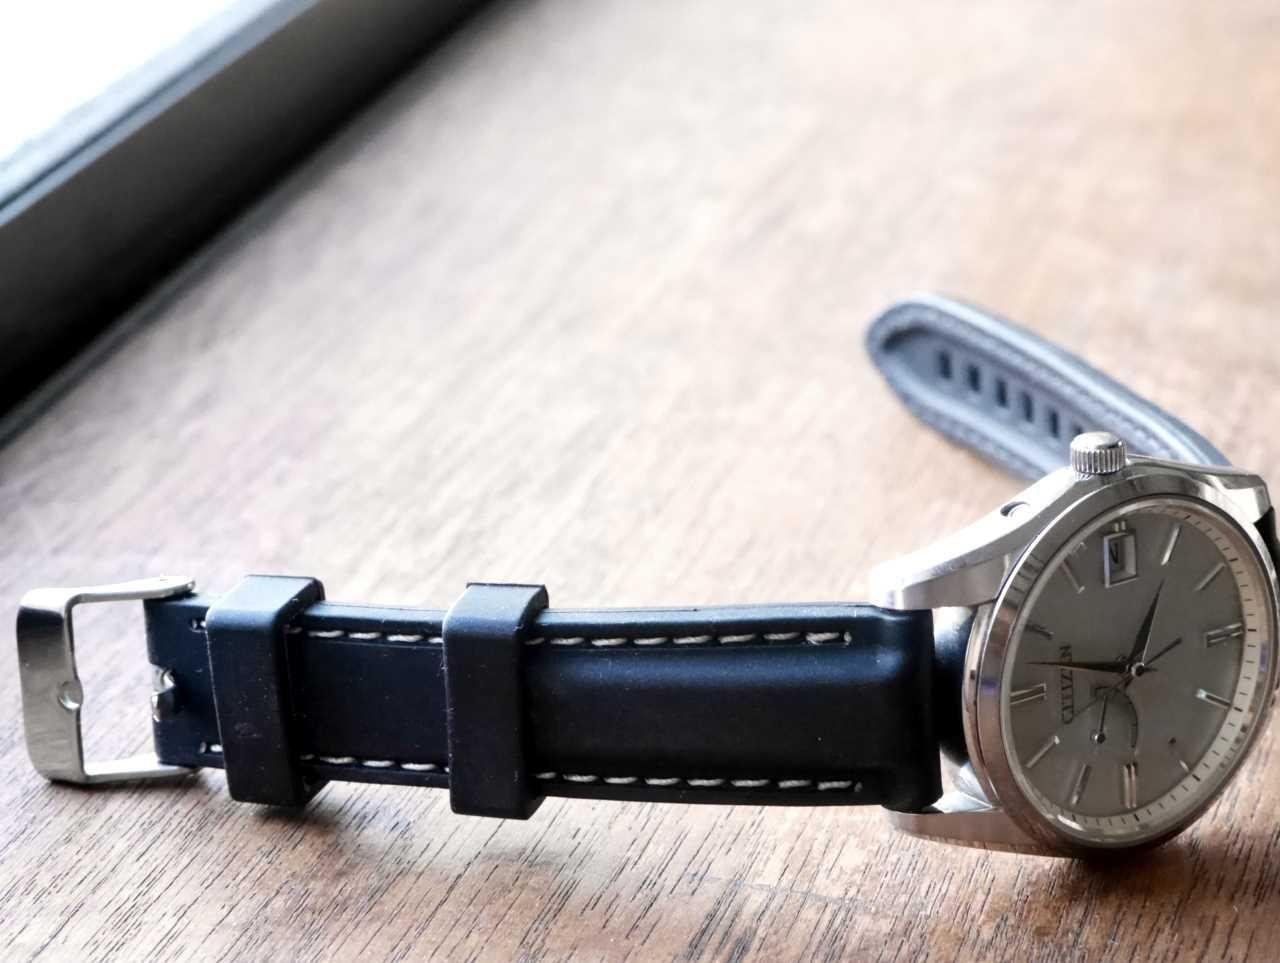 1bcbcd6e21 銀色ケースのフォーマルっぽい時計につけるために購入しました。購入したのは18mmのものです。  ○良かったところ・ステッチがきれい:よじれ等なく、糸の太さ、ピッチ ...